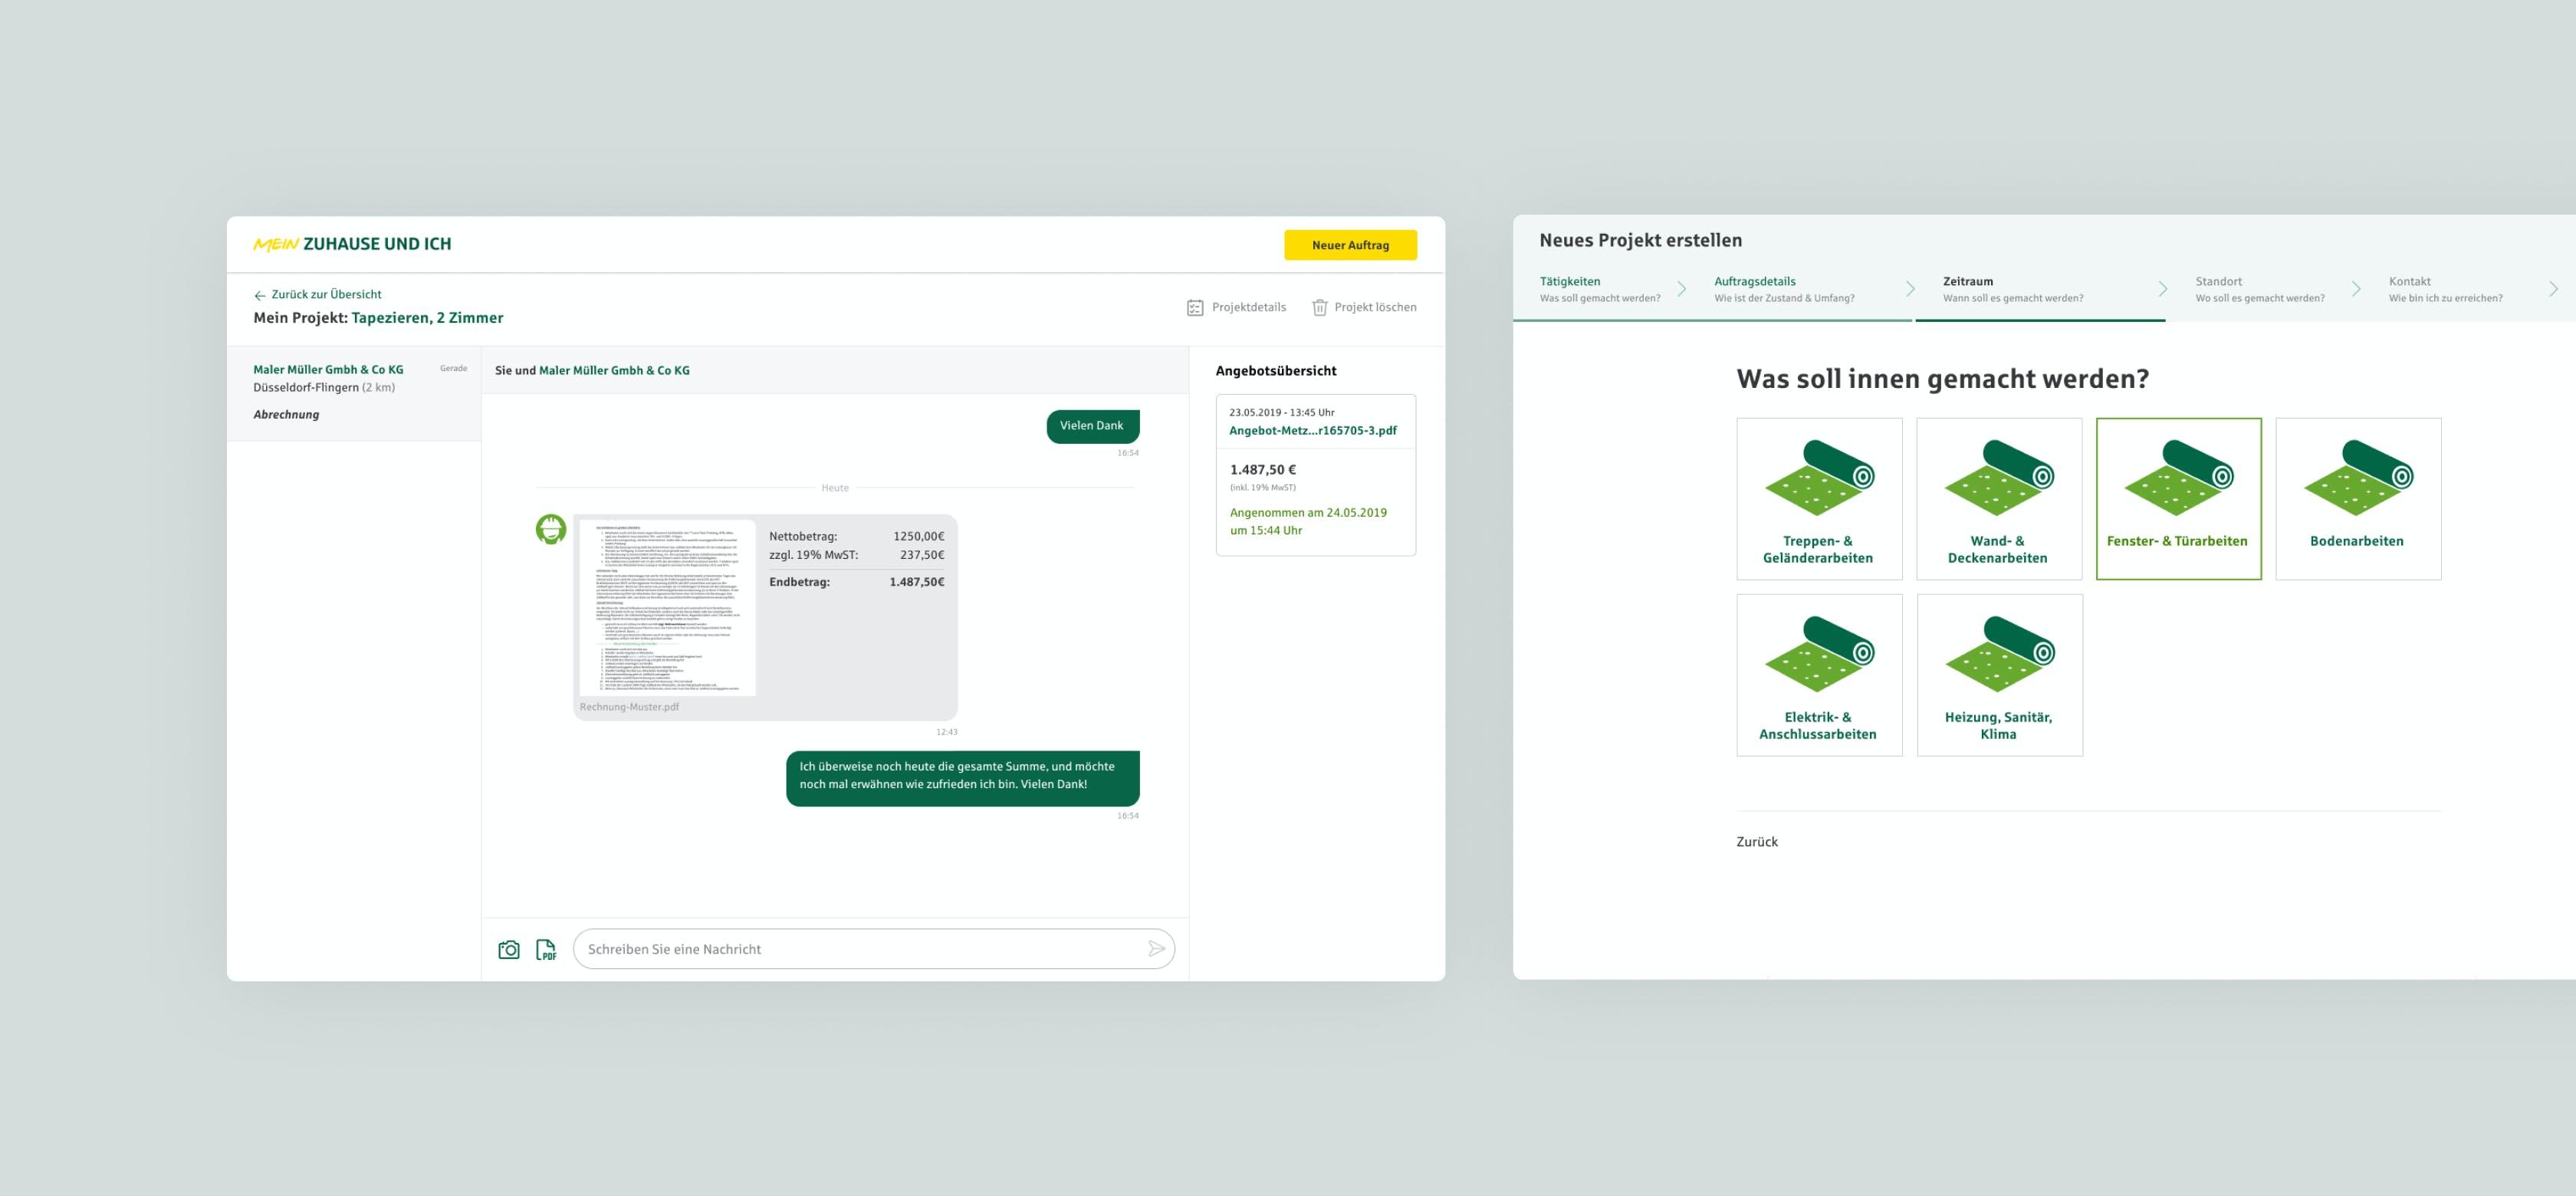 User Interface einer B2B-Anwendung aus der Versicherungsbranche